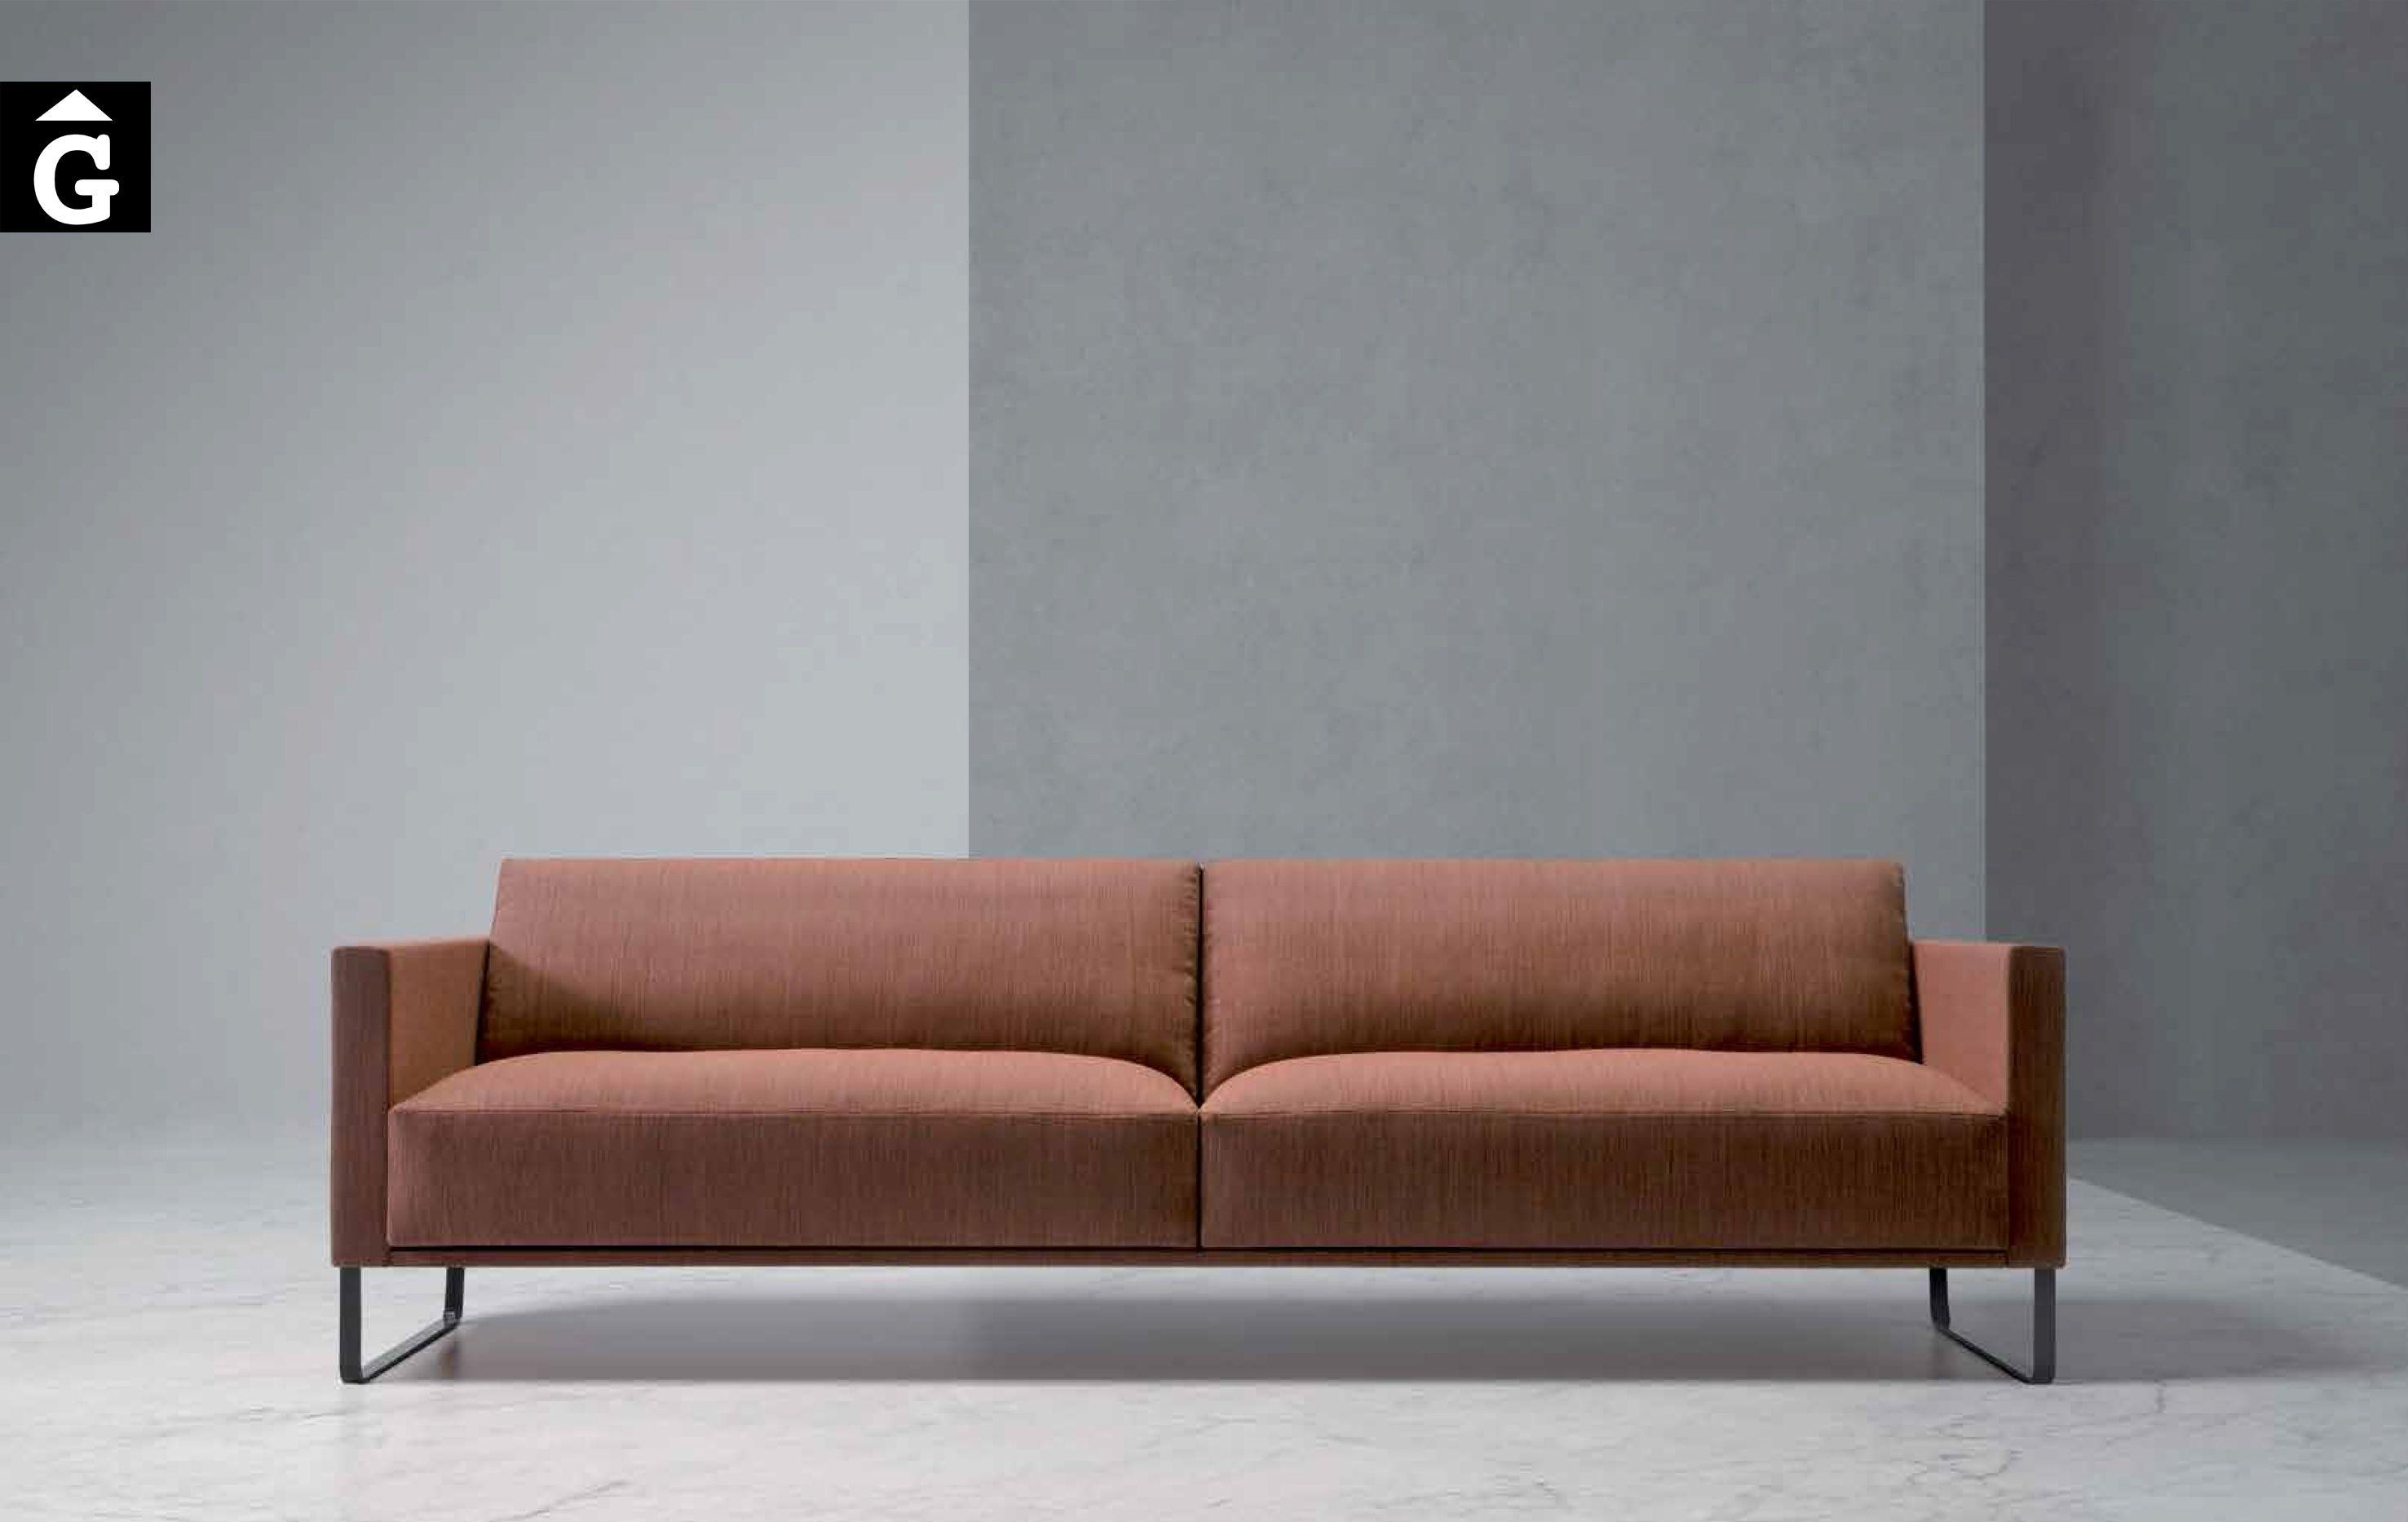 Afrika disseny by jorge pensi furniture pinterest - Sofa afrika style ...